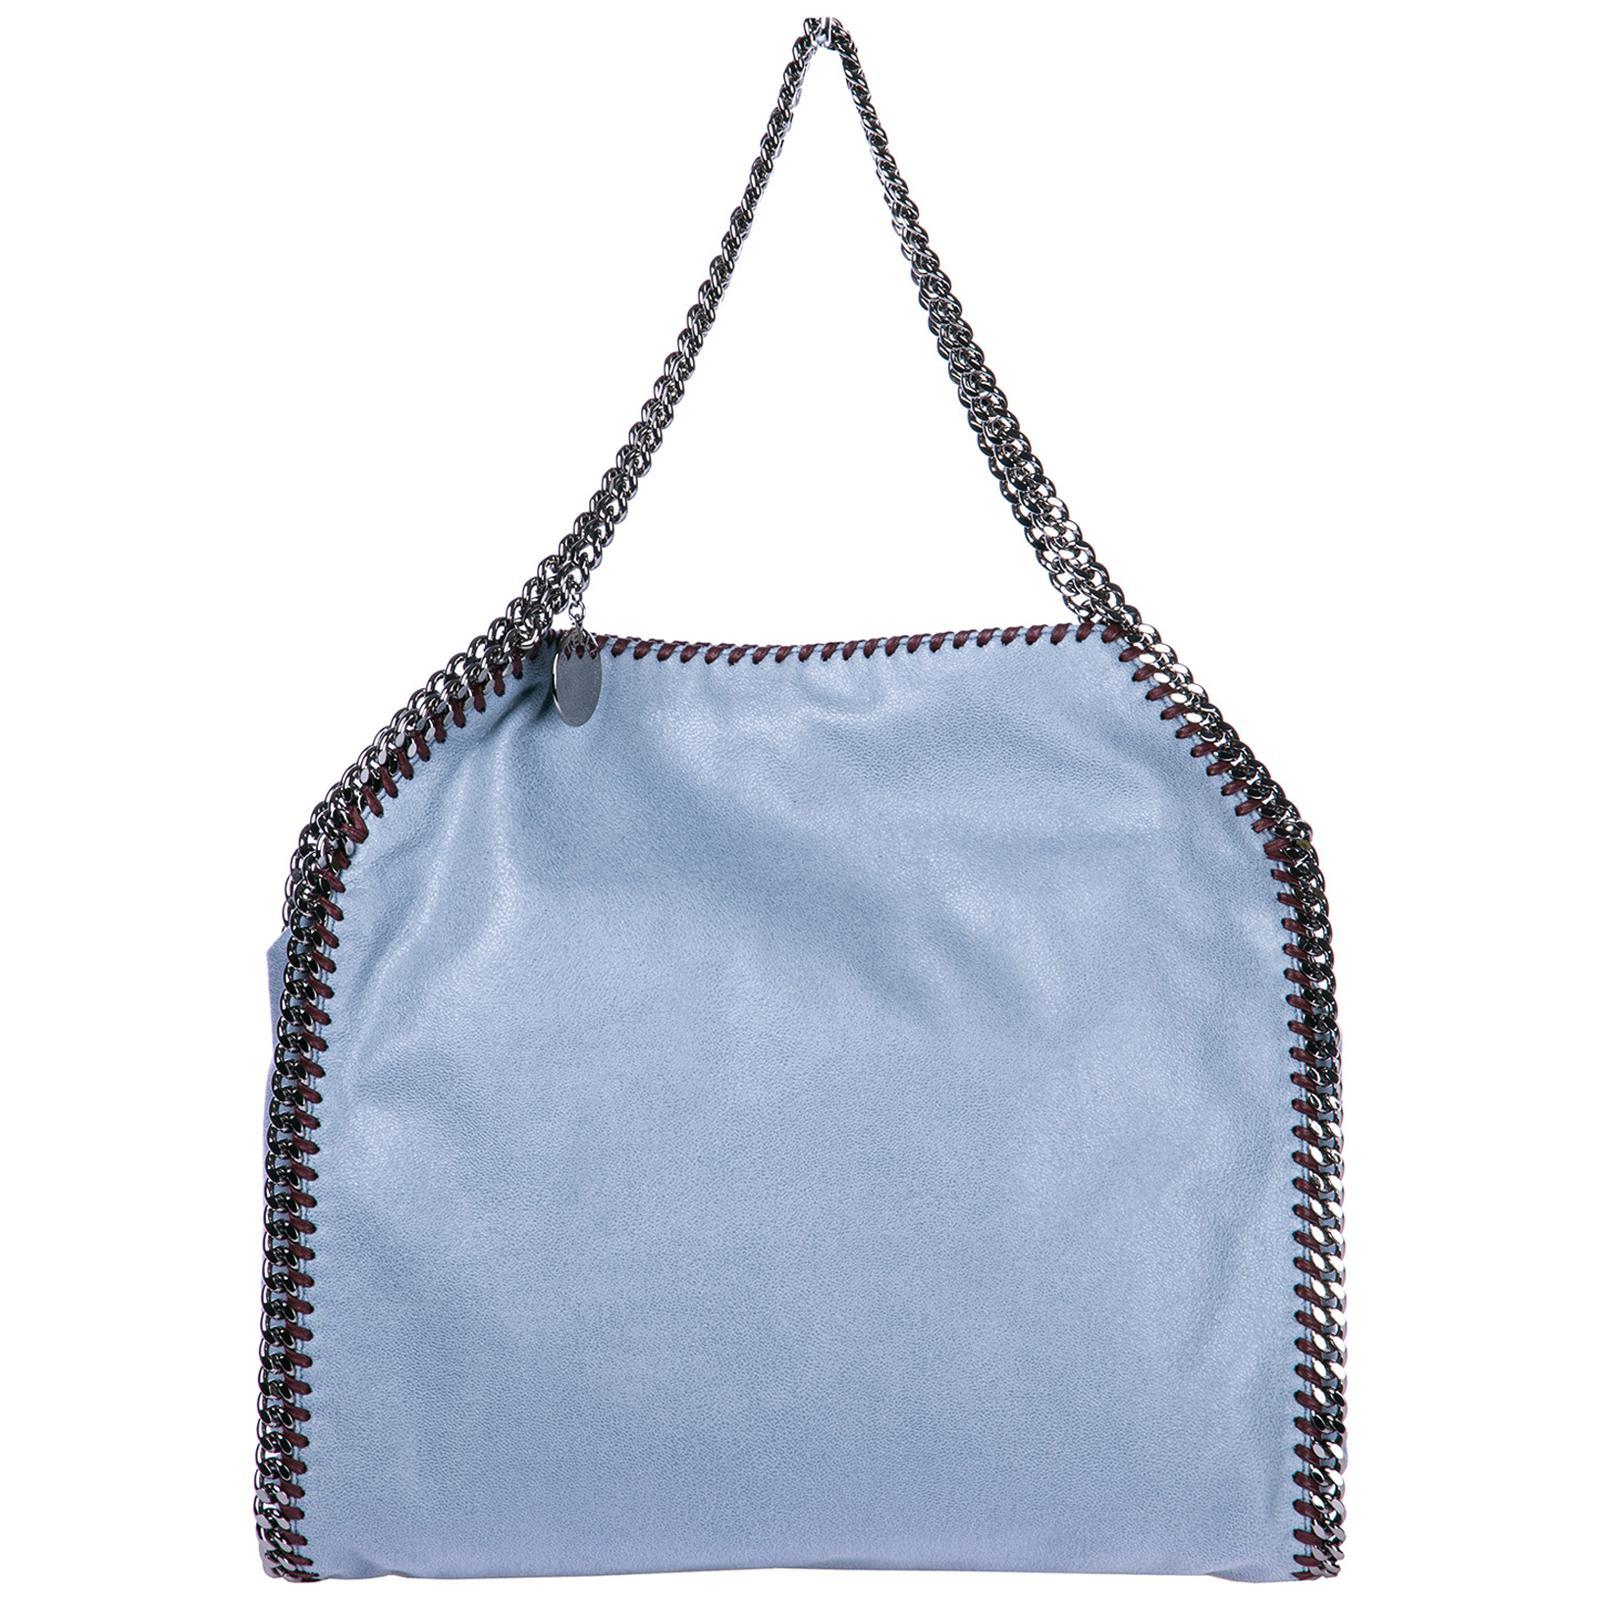 01d2d36eed4f Lyst - Stella McCartney Shoulder Bag Falabella Small Tote shaggy ...